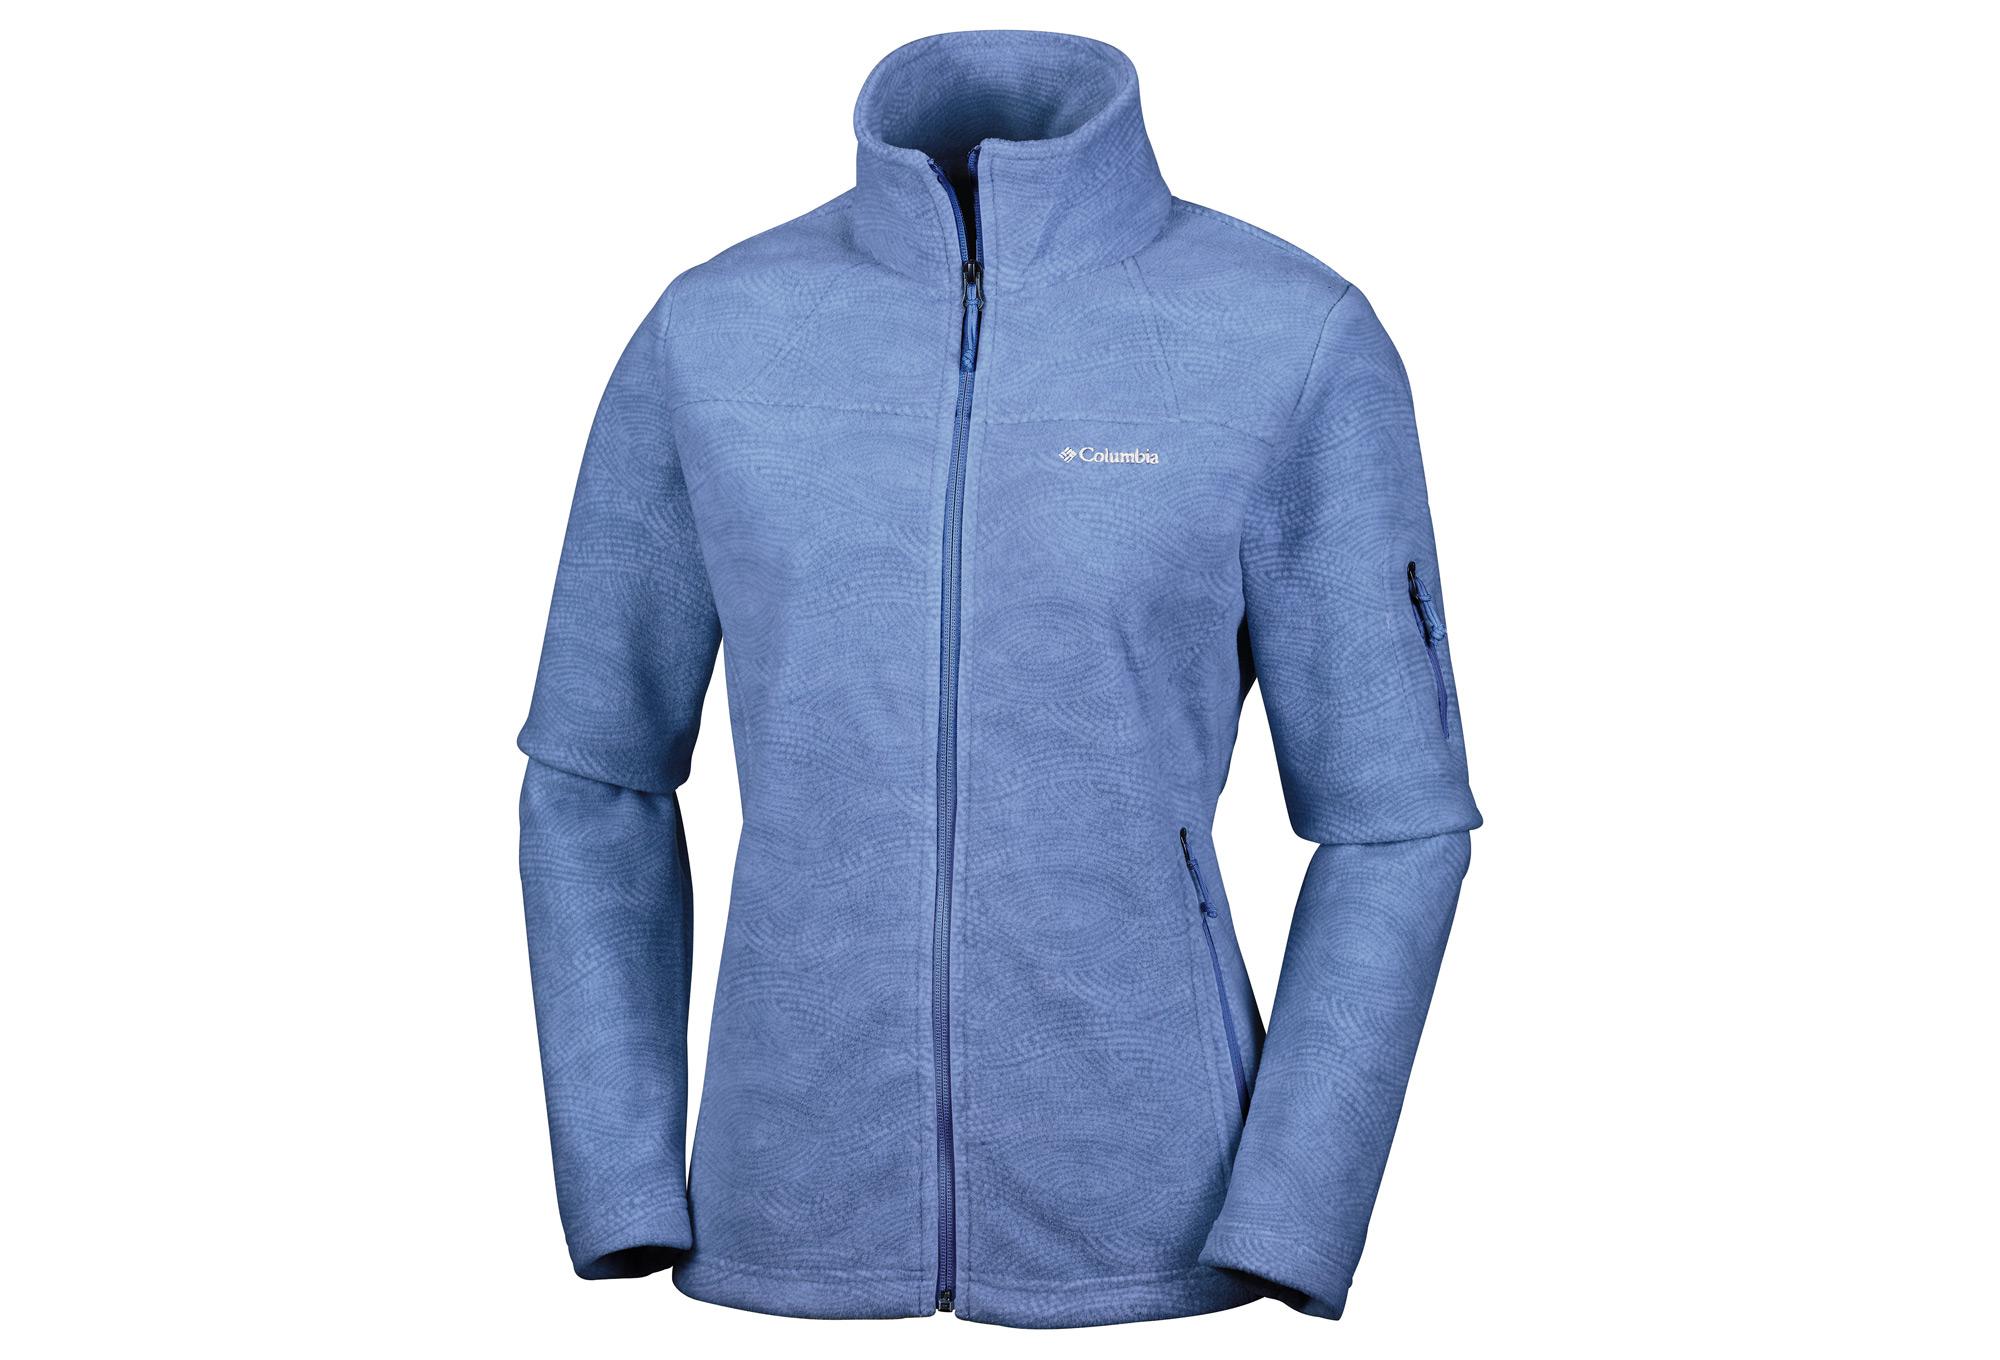 Columbia Fast Trek Printed Womens Zip-Up Fleece Jacket